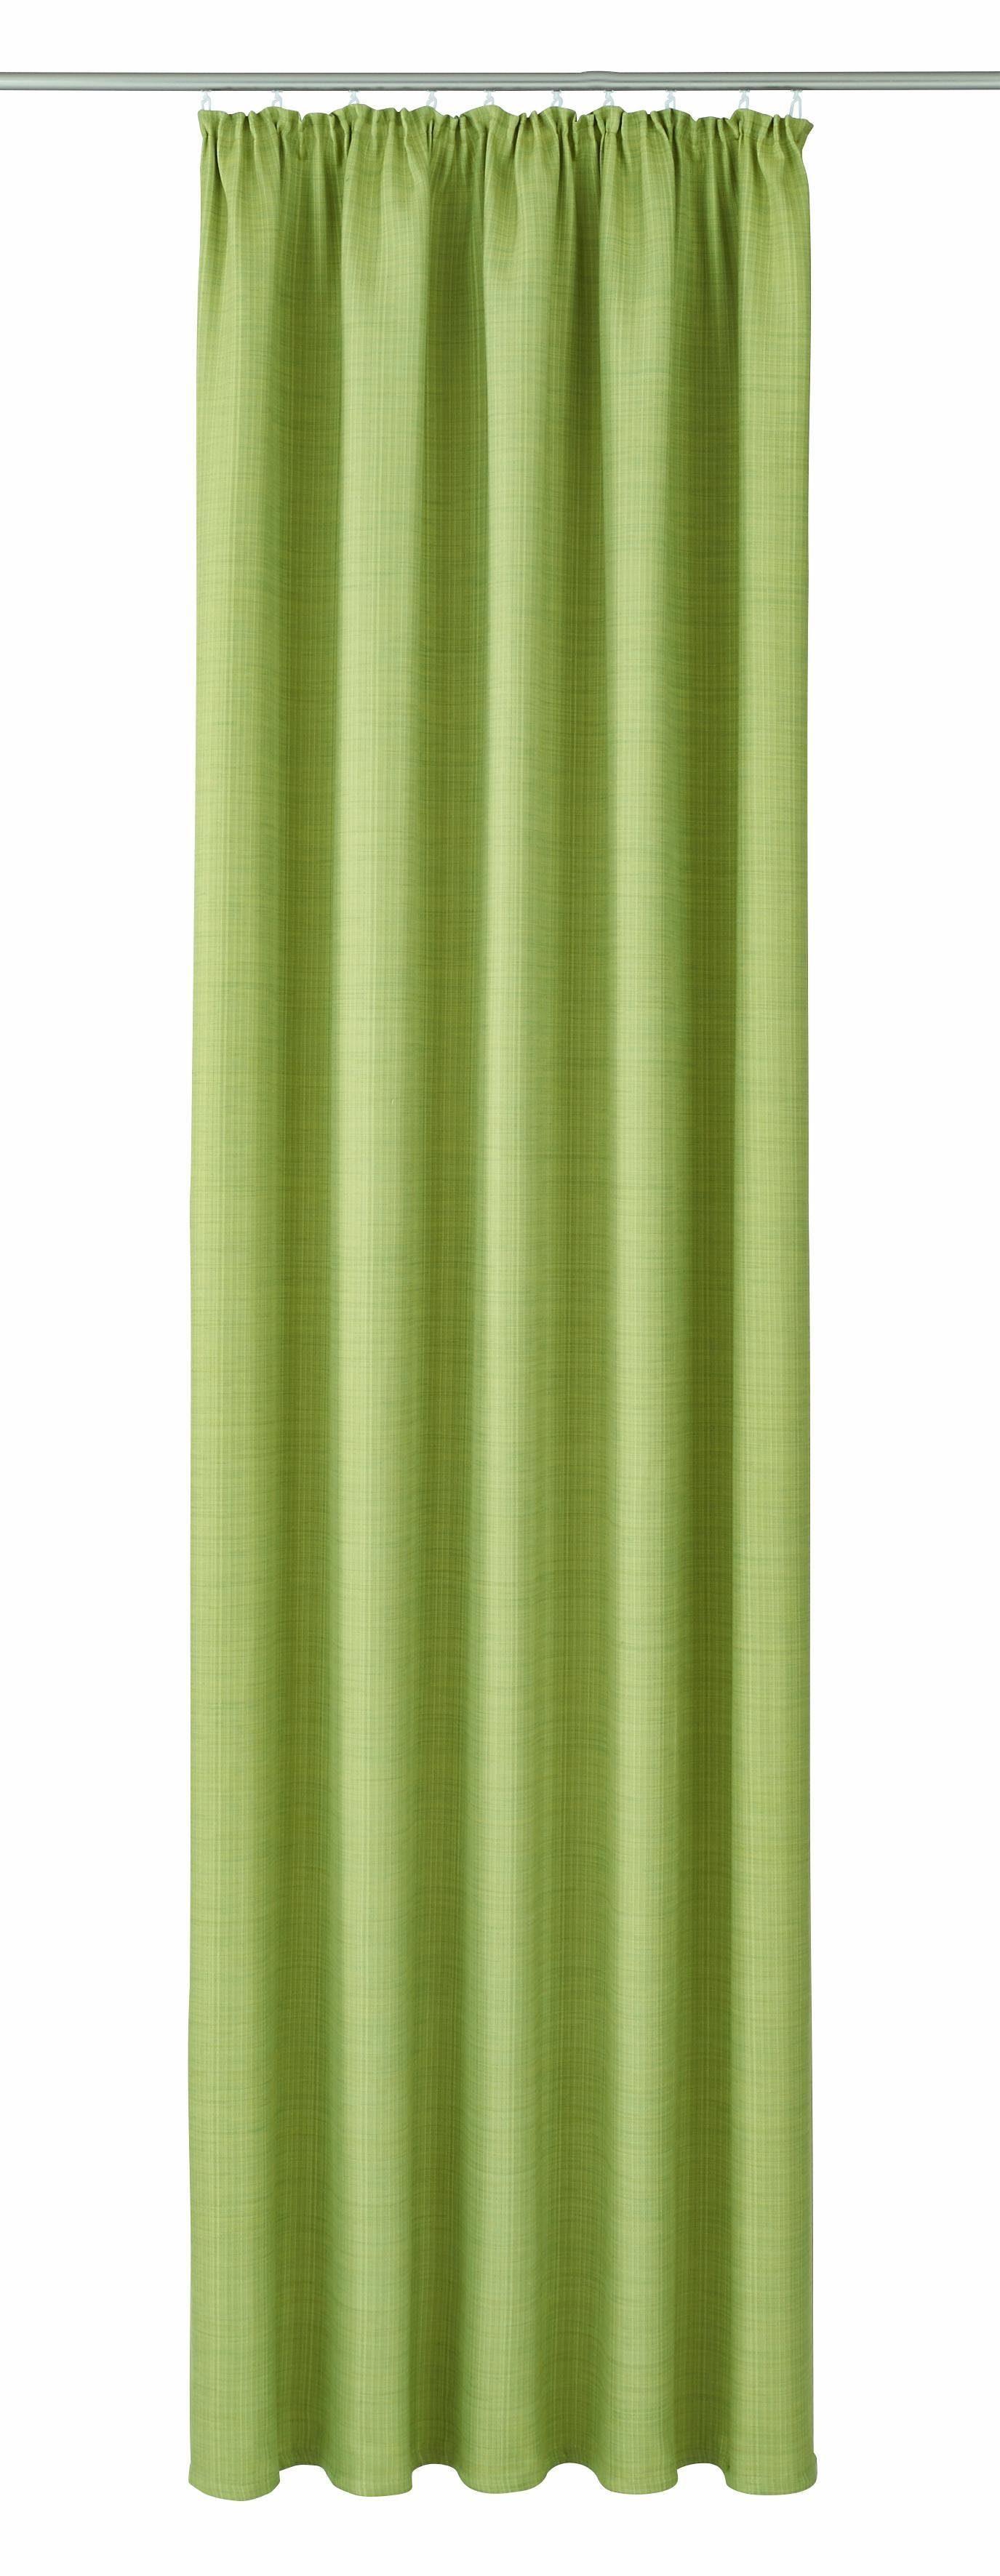 Vorhang Pina VHG Kräuselband 1 Stück | Heimtextilien > Gardinen und Vorhänge > Vorhänge | Grün | Vhg